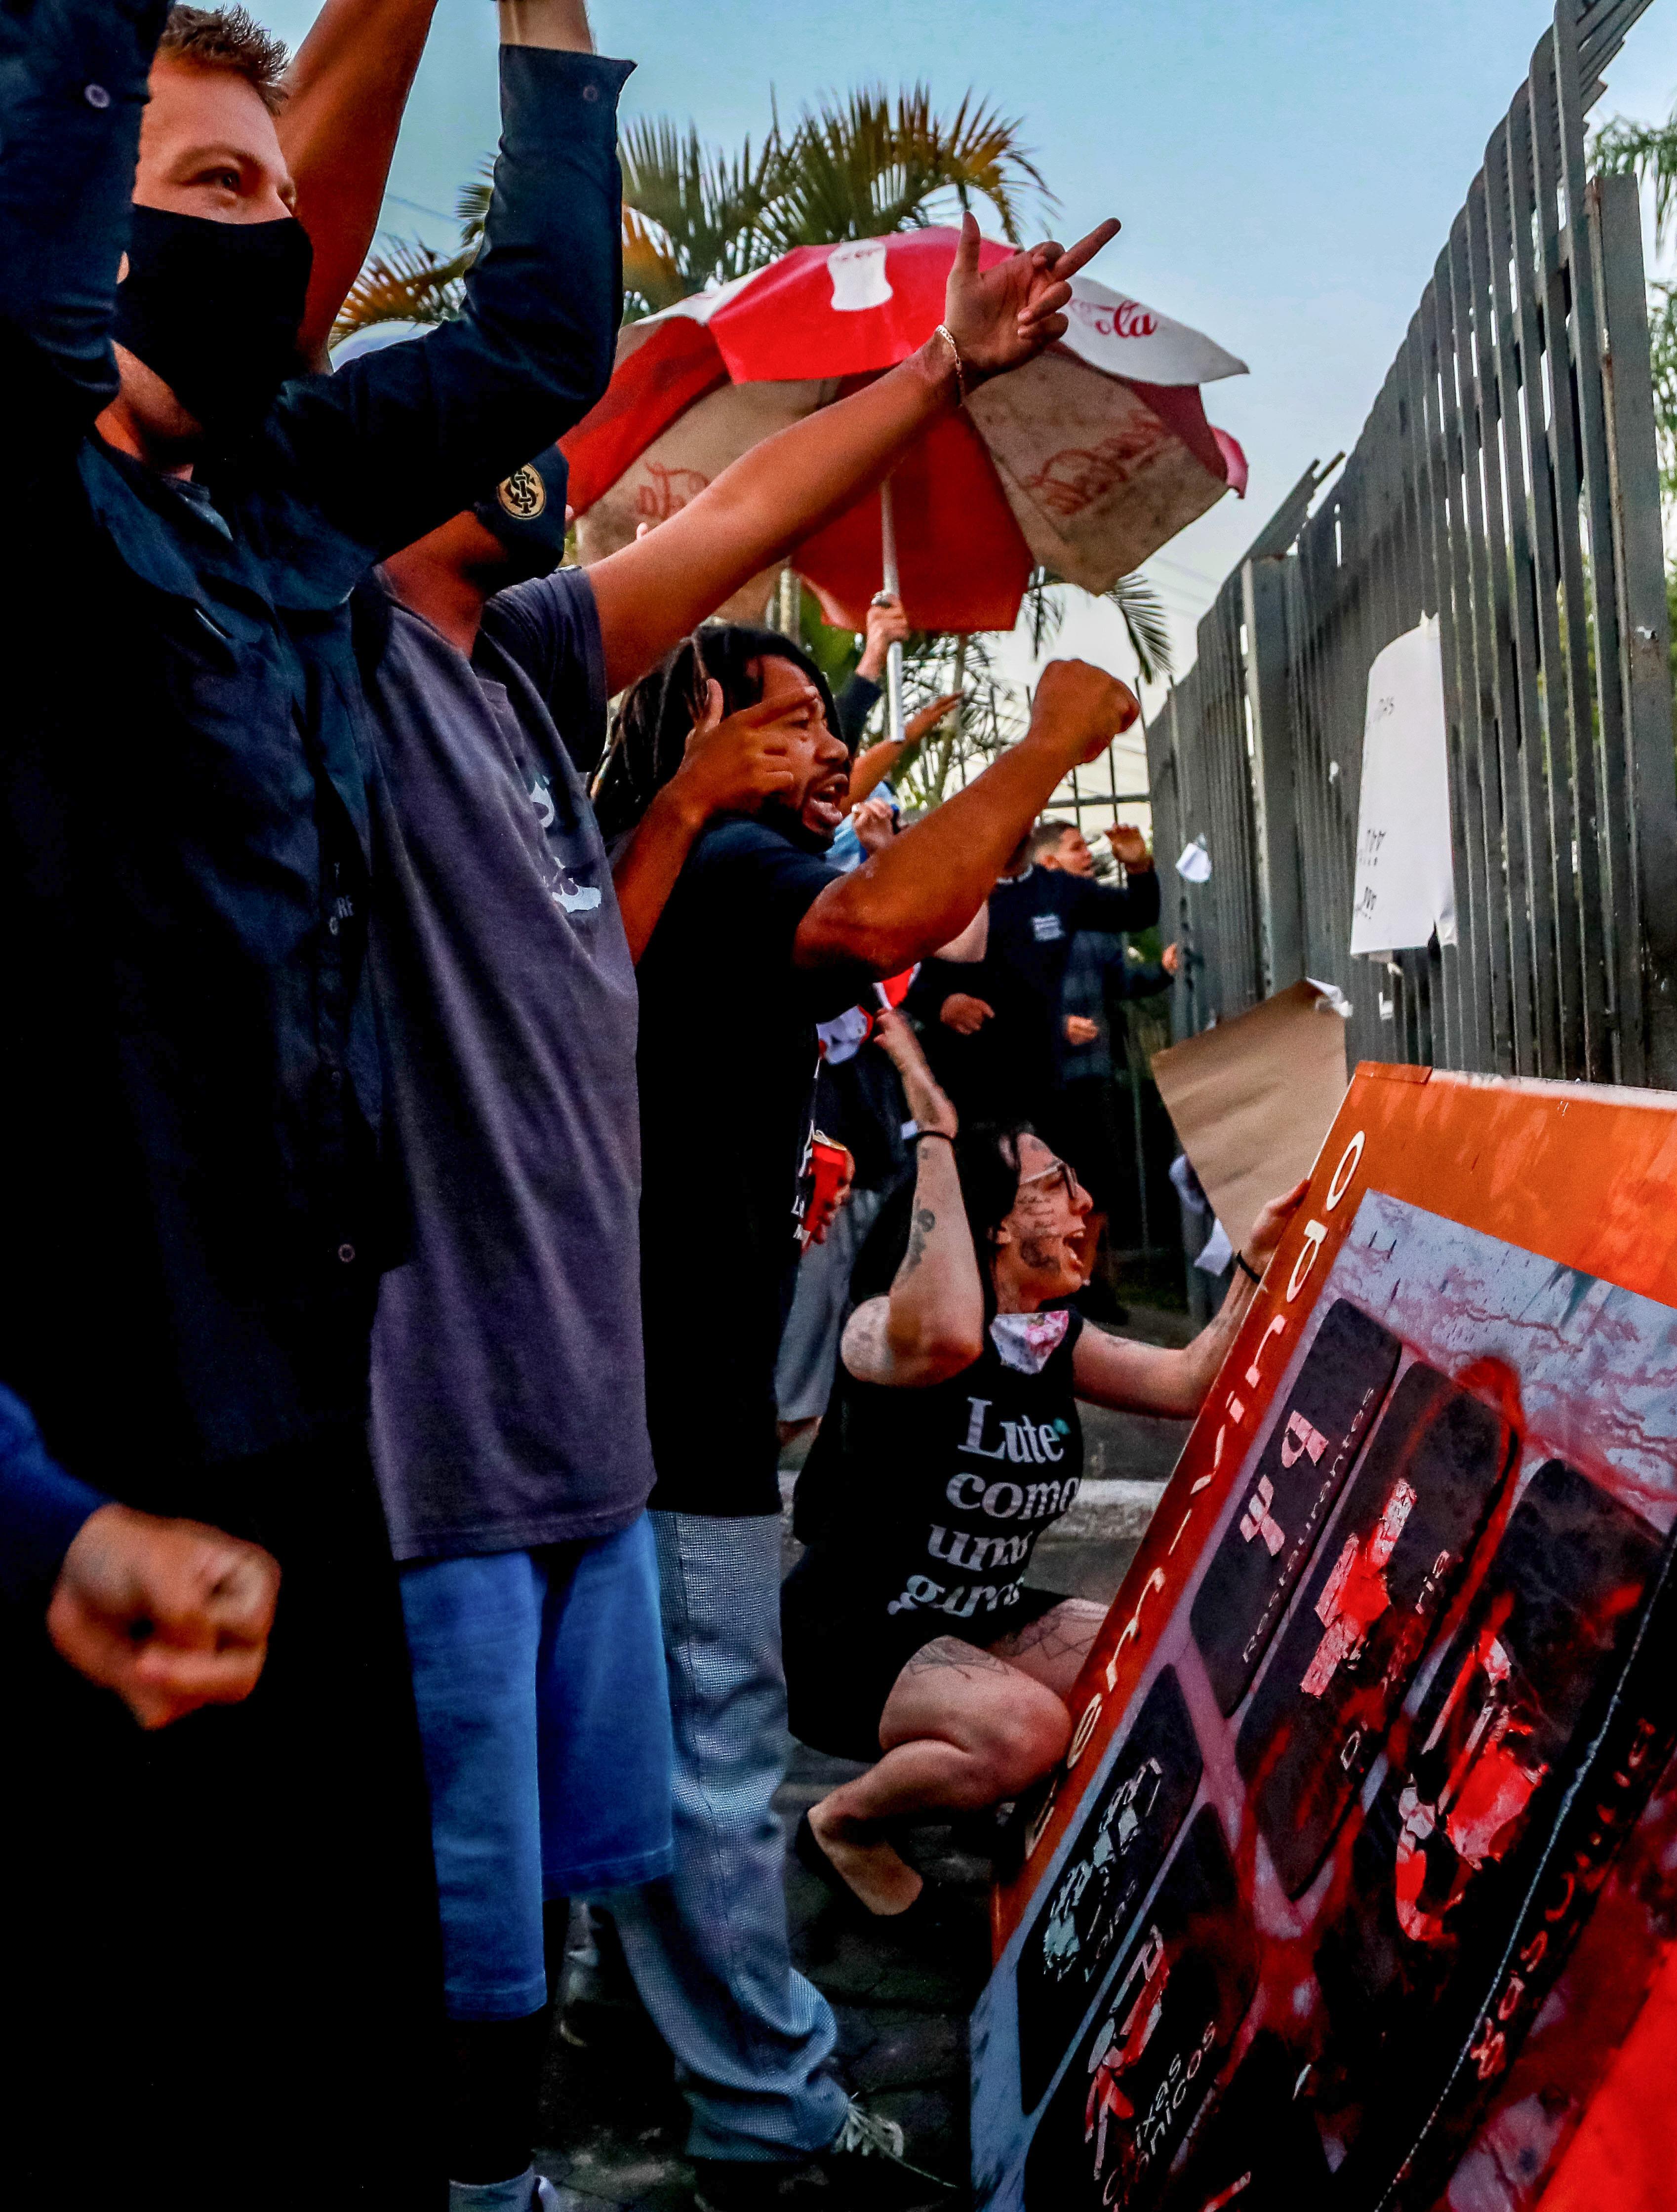 Pessoas participam de protesto contra a morte de João Alberto Silveira Freitas em frente ao supermercado Carrefour, onde foi espancado, em Porto Alegre, RS, Brasil, em 20 de novembro de 2020. - Morte de um negro homem na noite de quinta-feira após ser espancado por seguranças brancos em um supermercado do grupo Carrefour em Porto Alegre desencadeou uma onda de indignação no Brasil, que nesta sexta-feira comemora o Dia da Consciência Negra. (Foto de SILVIO AVILA / AFP)